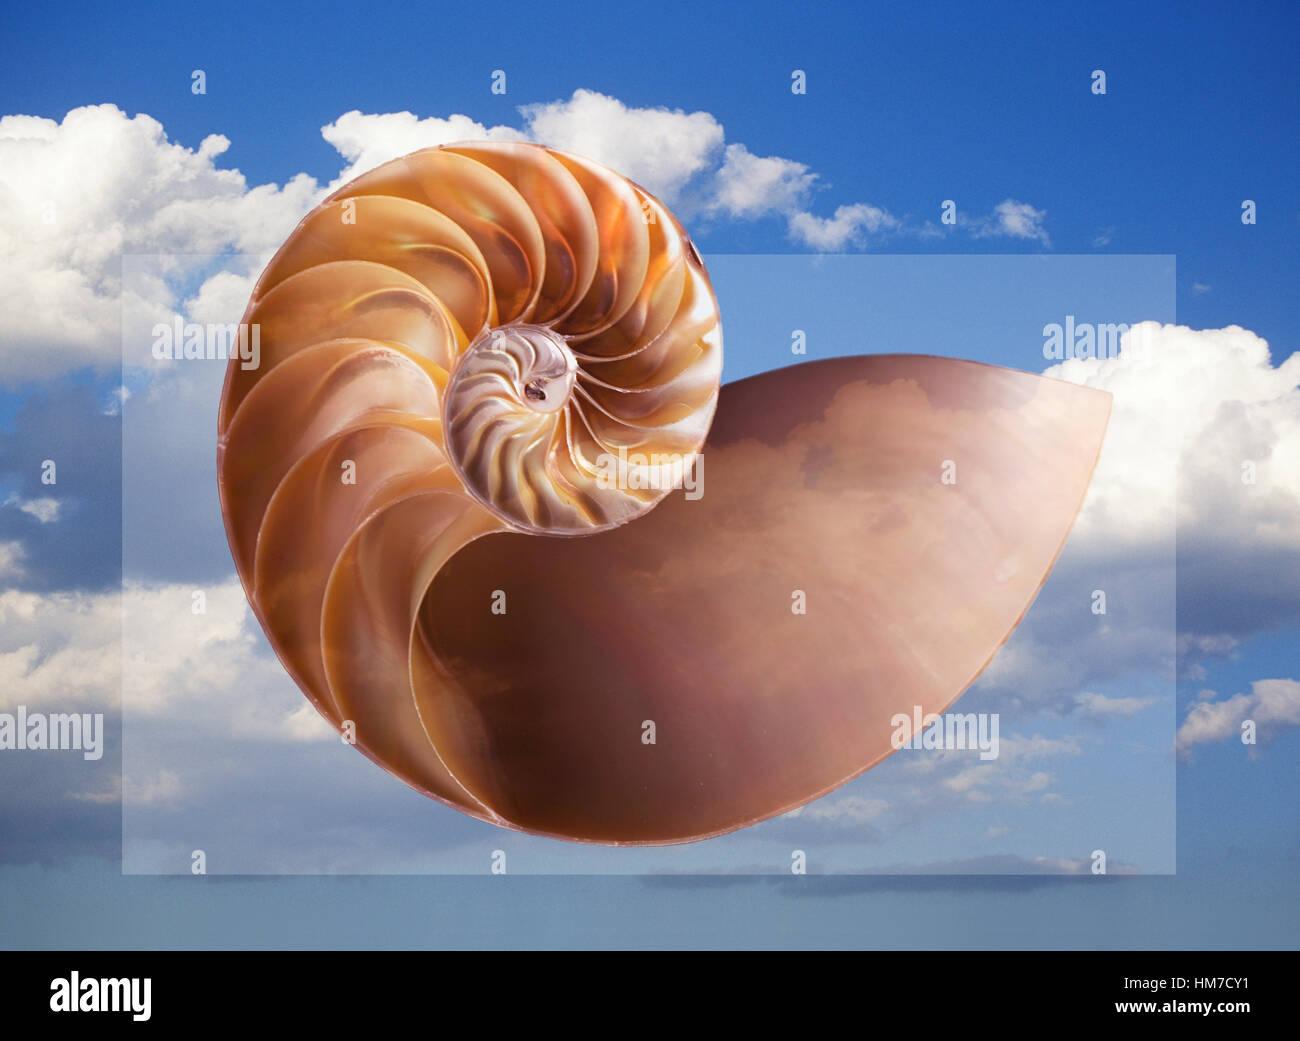 Generati digitalmente immagine del guscio con sky in background Immagini Stock